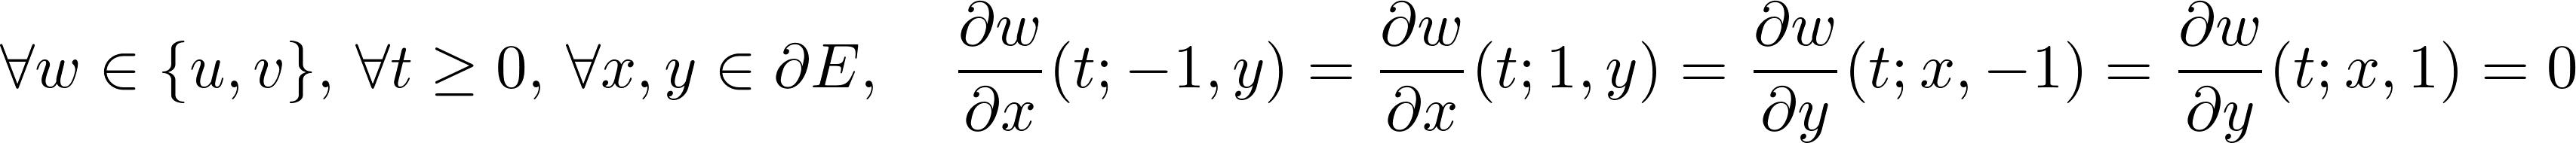 Original LaTeX equation